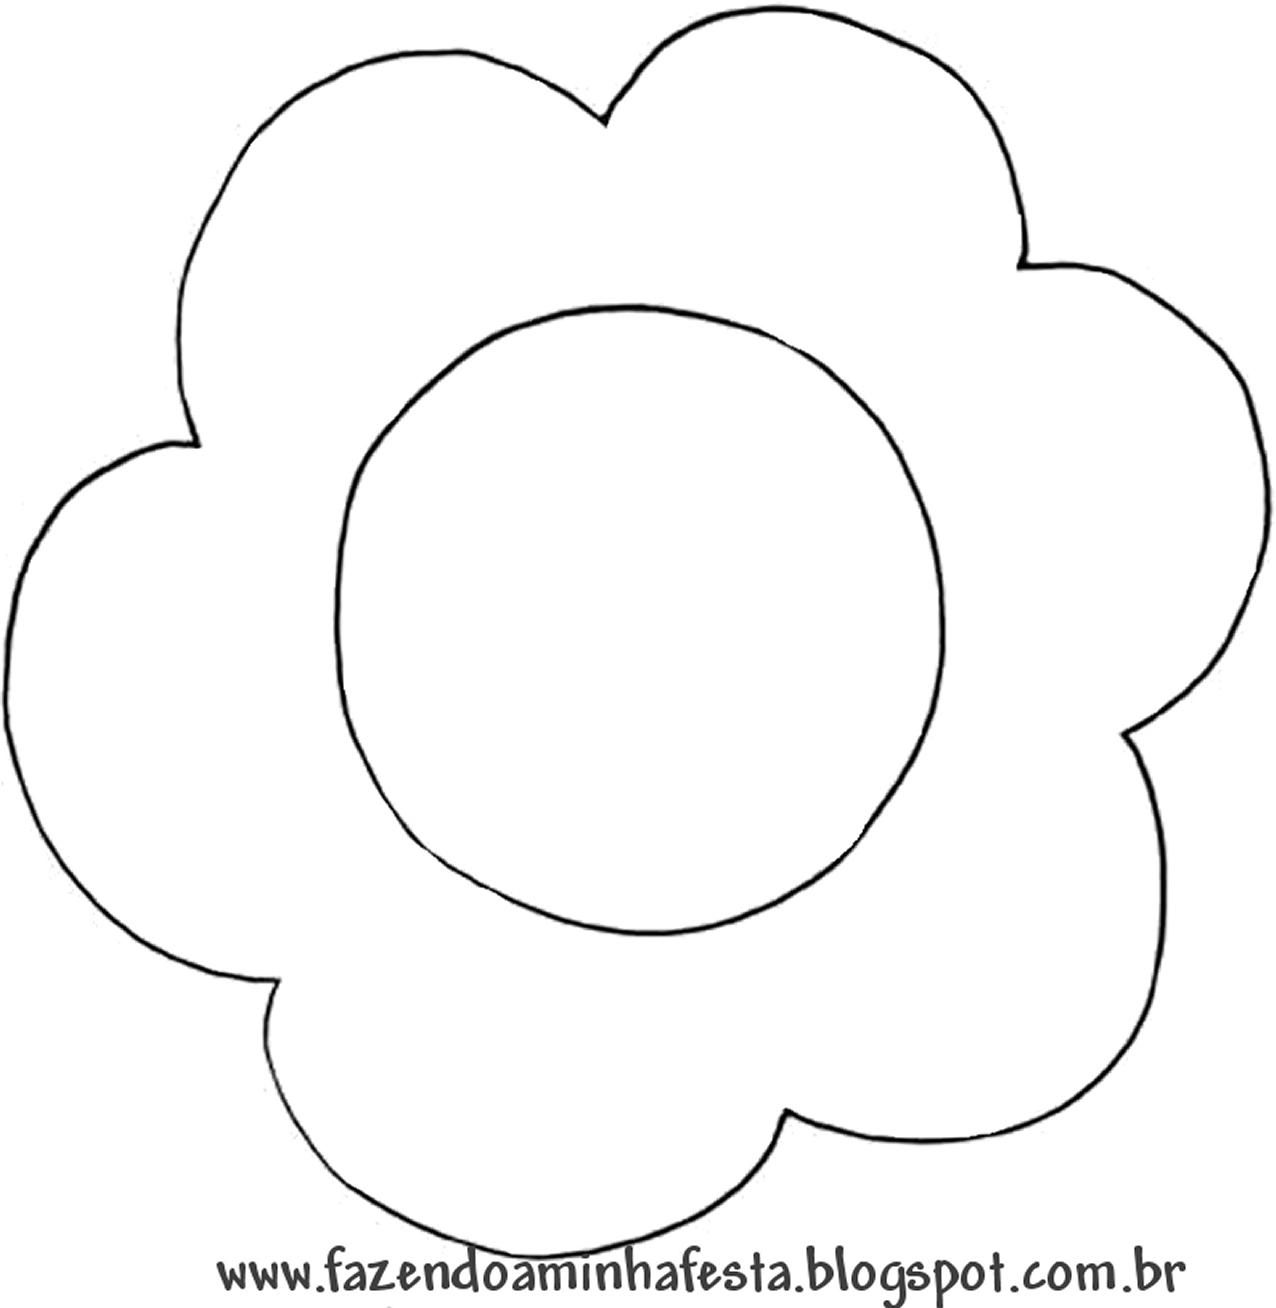 Moldes Decorados de Topper para Cupcakes em formato de flor: